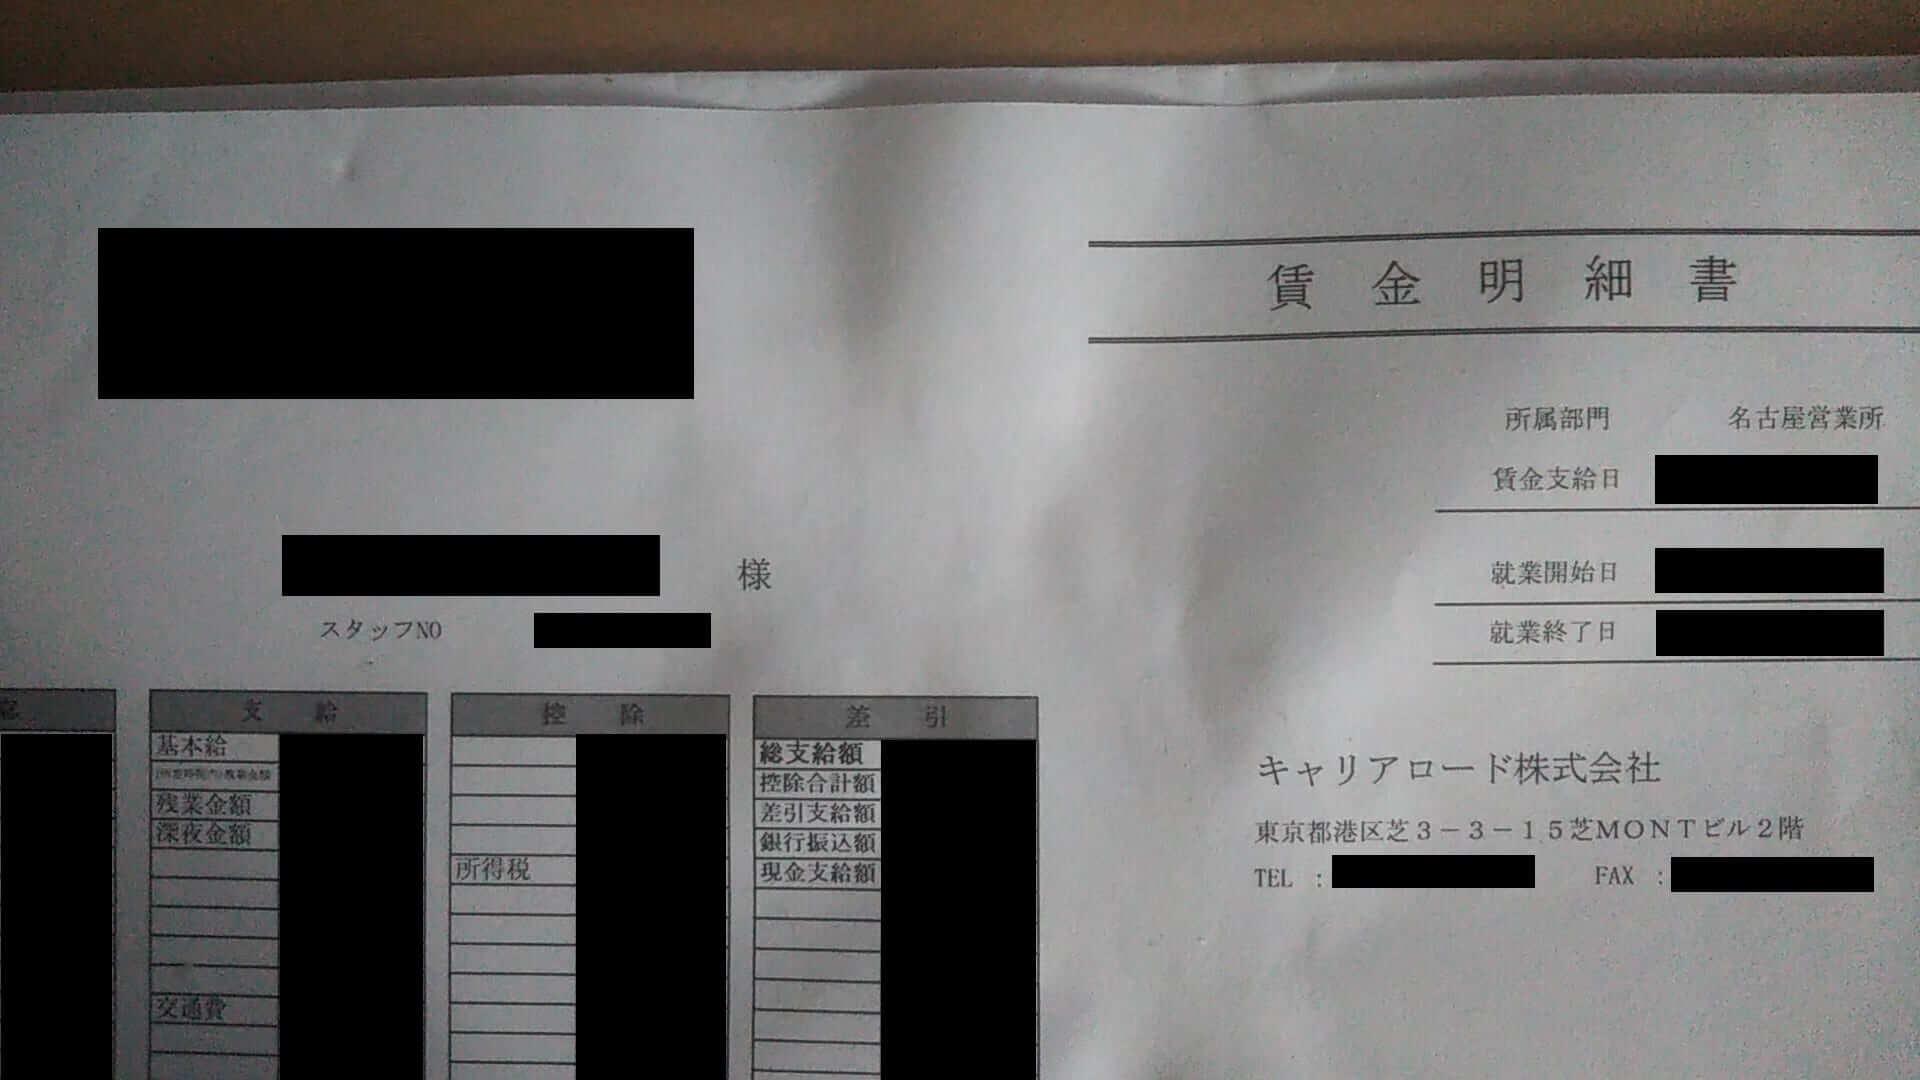 キャリアロード株式会社 名古屋営業所